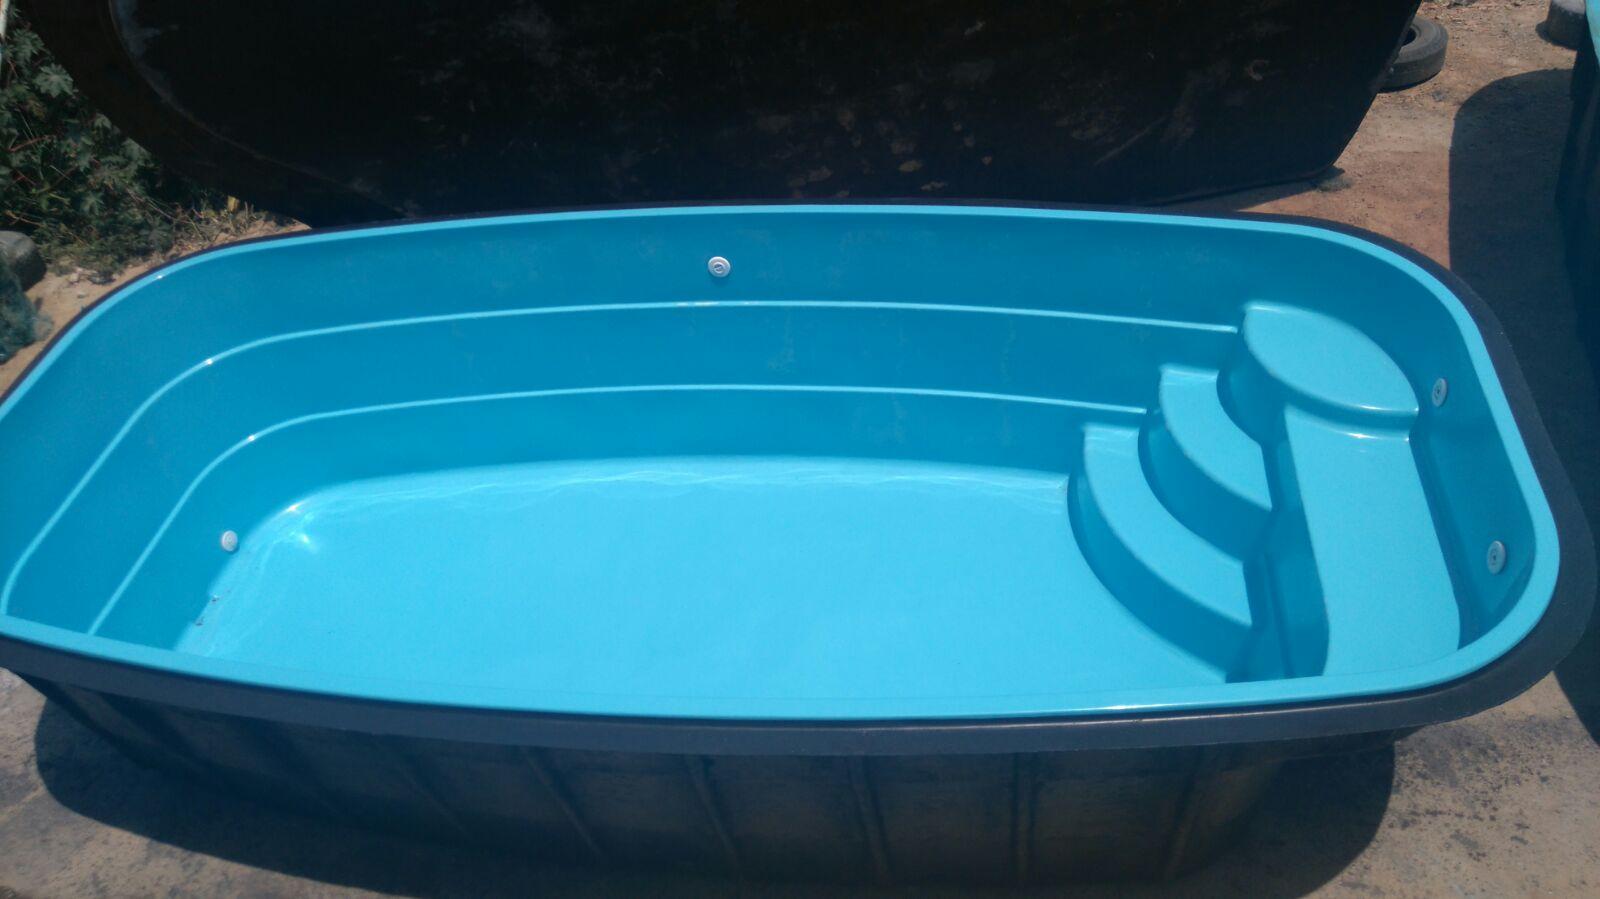 Piscina de fibra usada piscina de fibra com deck kit de for Piscina fibra precio